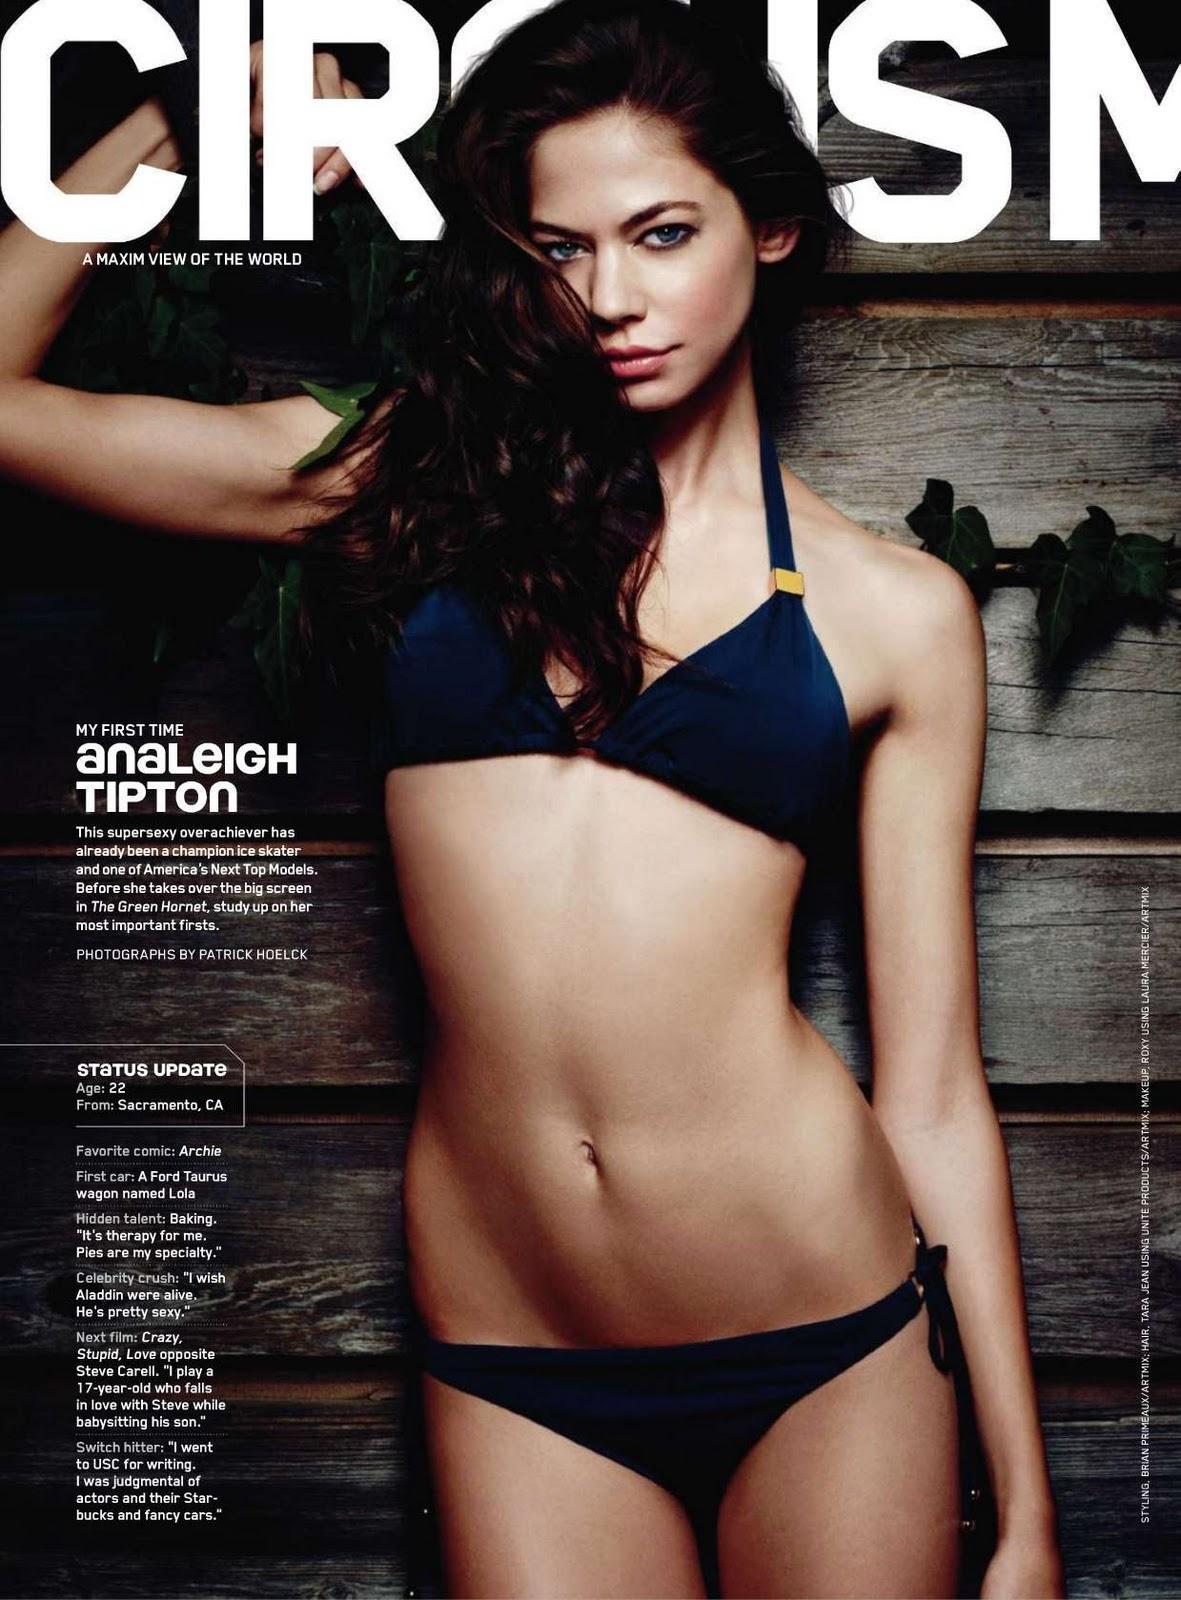 Analeigh Tipton in a bikini